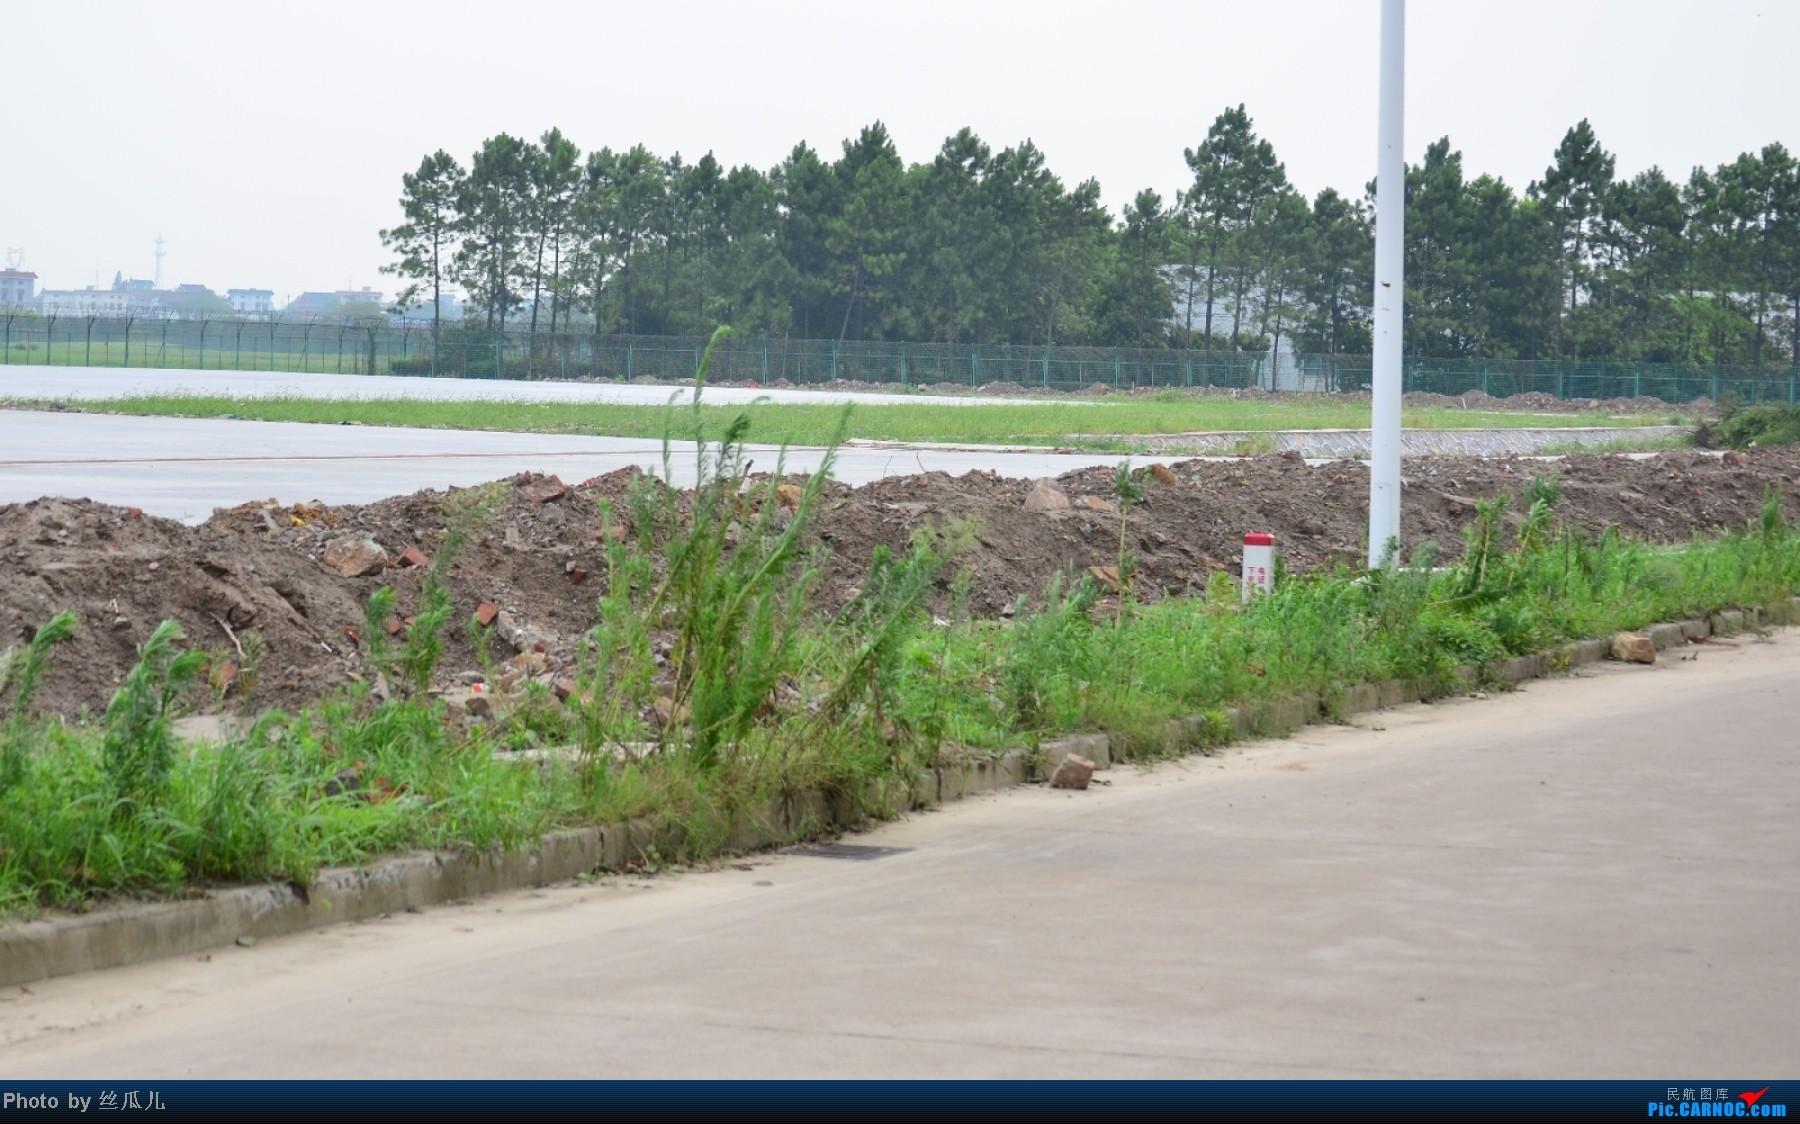 [公告]HGH的游击队员们注意了,6号路阵地即将失守,附送港龙20周年彩妆机和铁丝网的亲密合影    中国杭州萧山机场